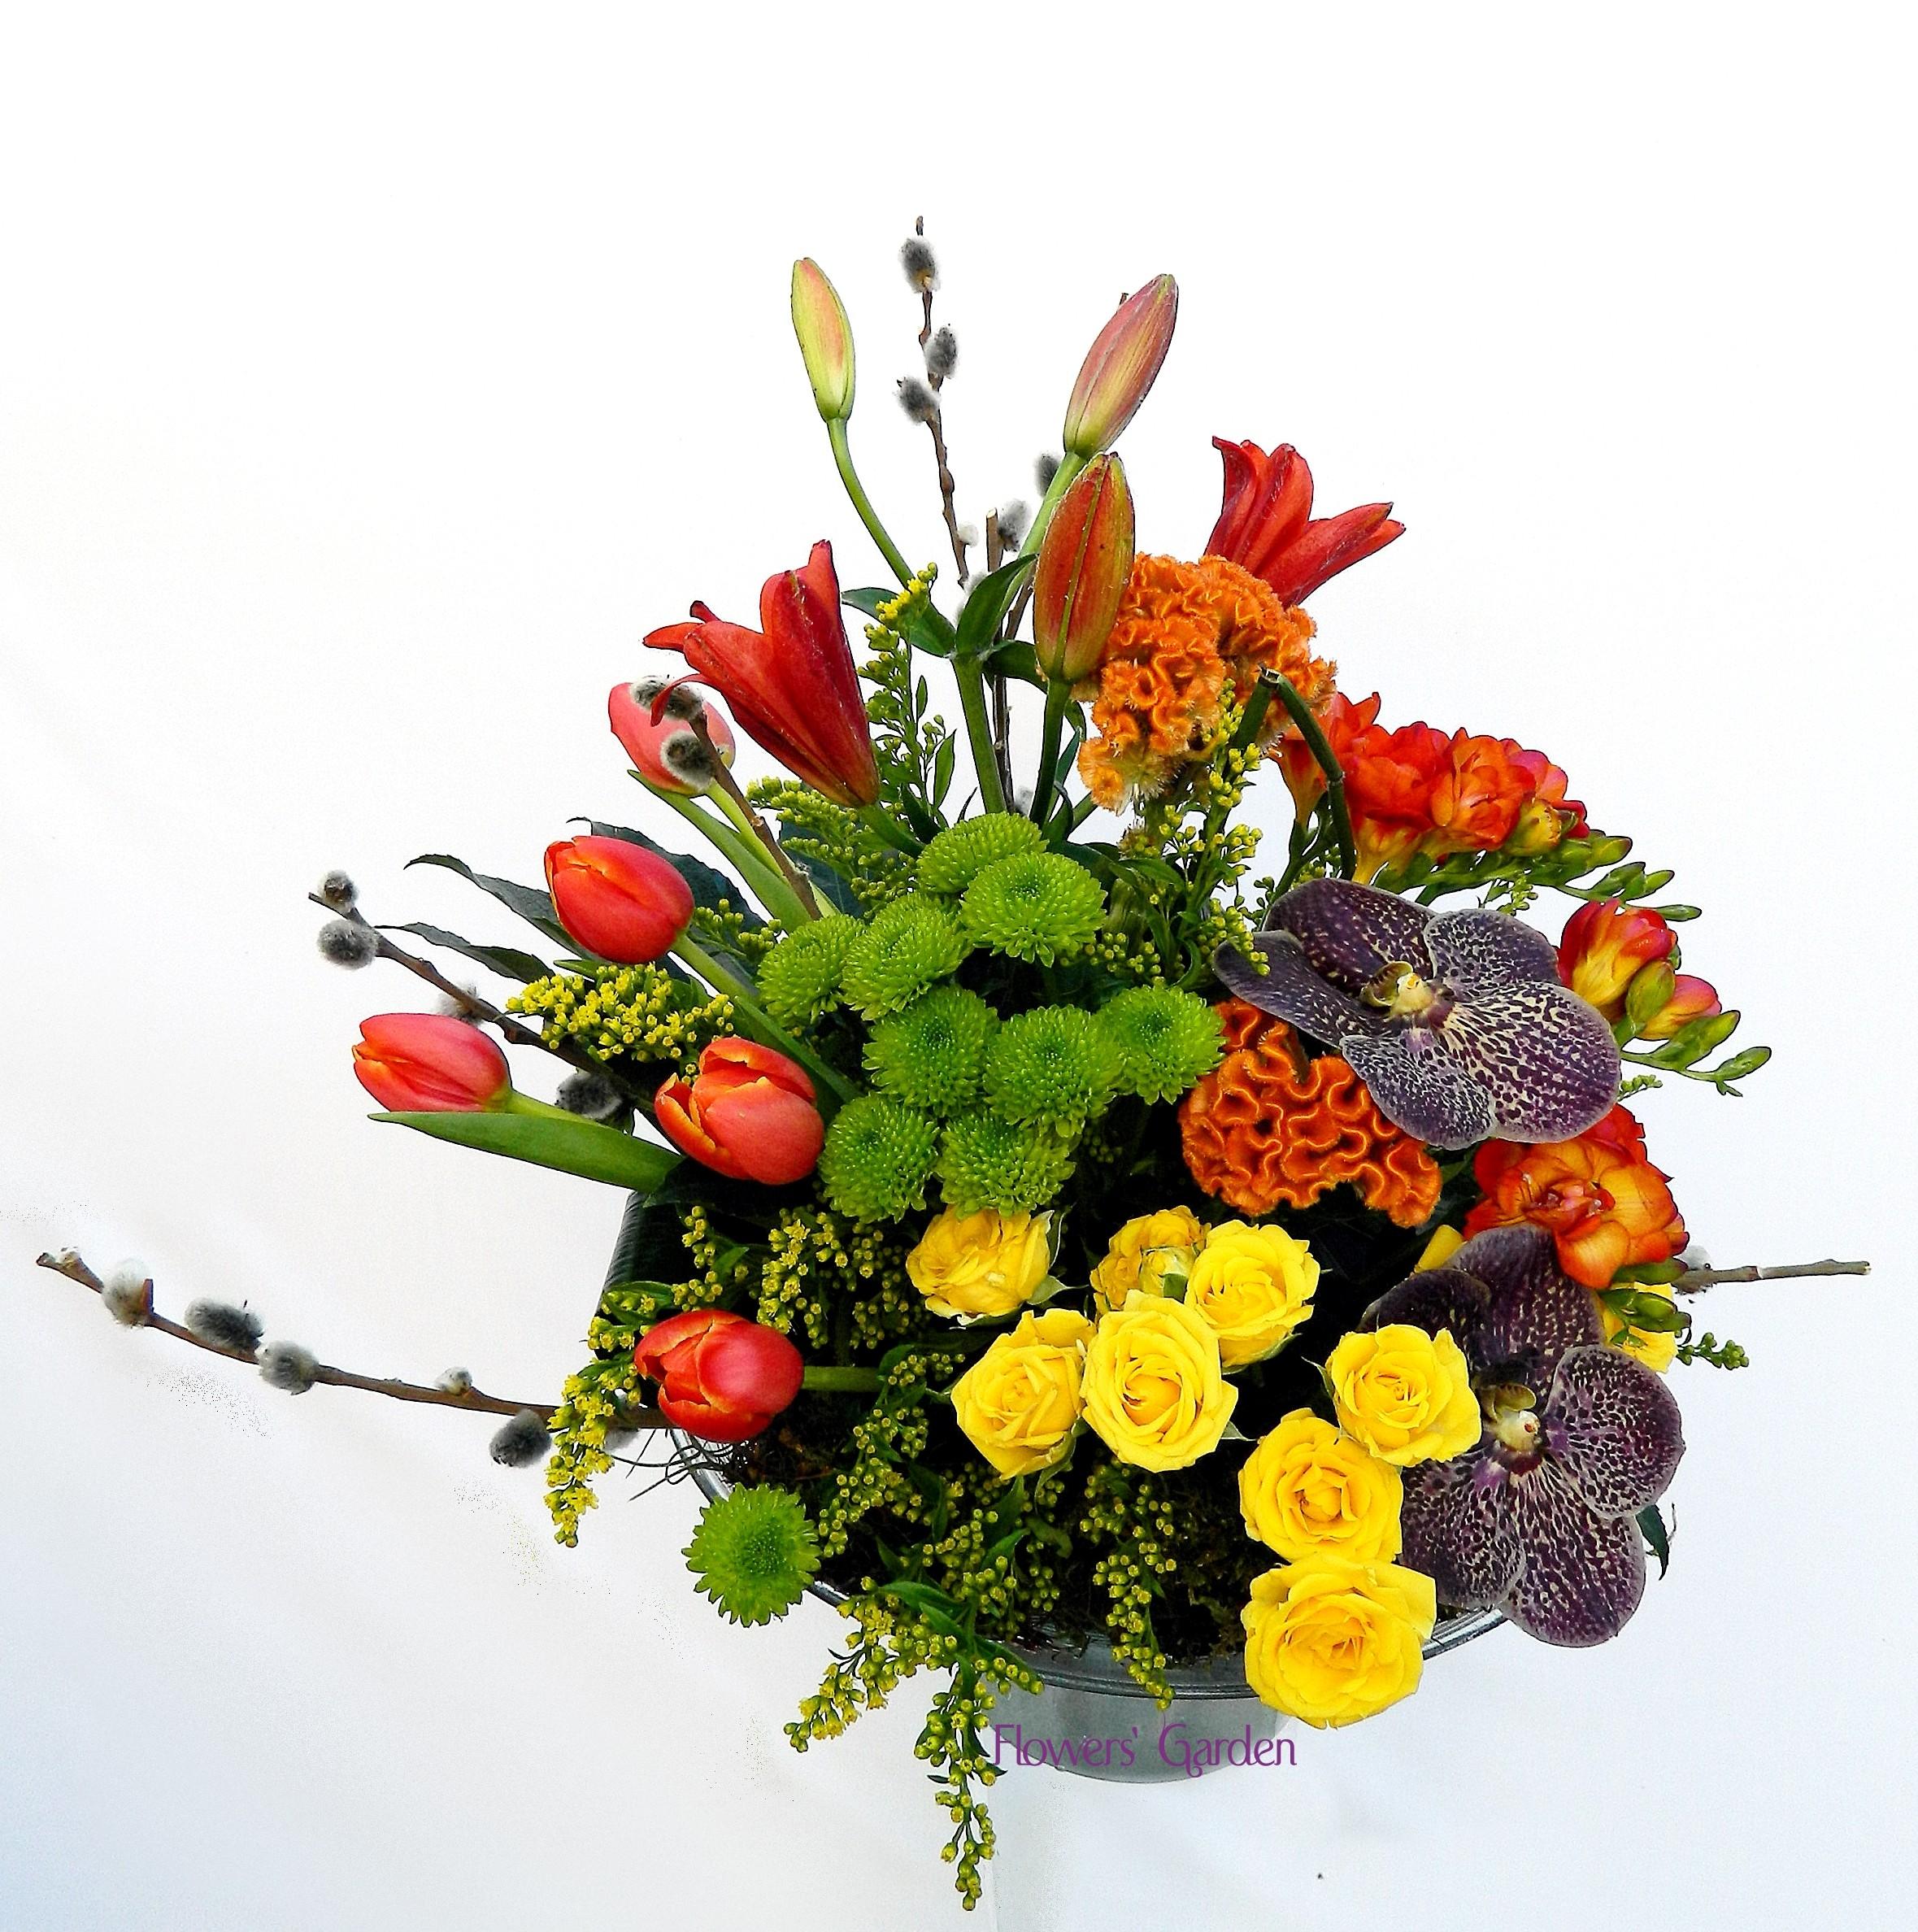 Aranjament Floral Cu Miniroze Crini Lalele Si Orhidee Flowers Garden